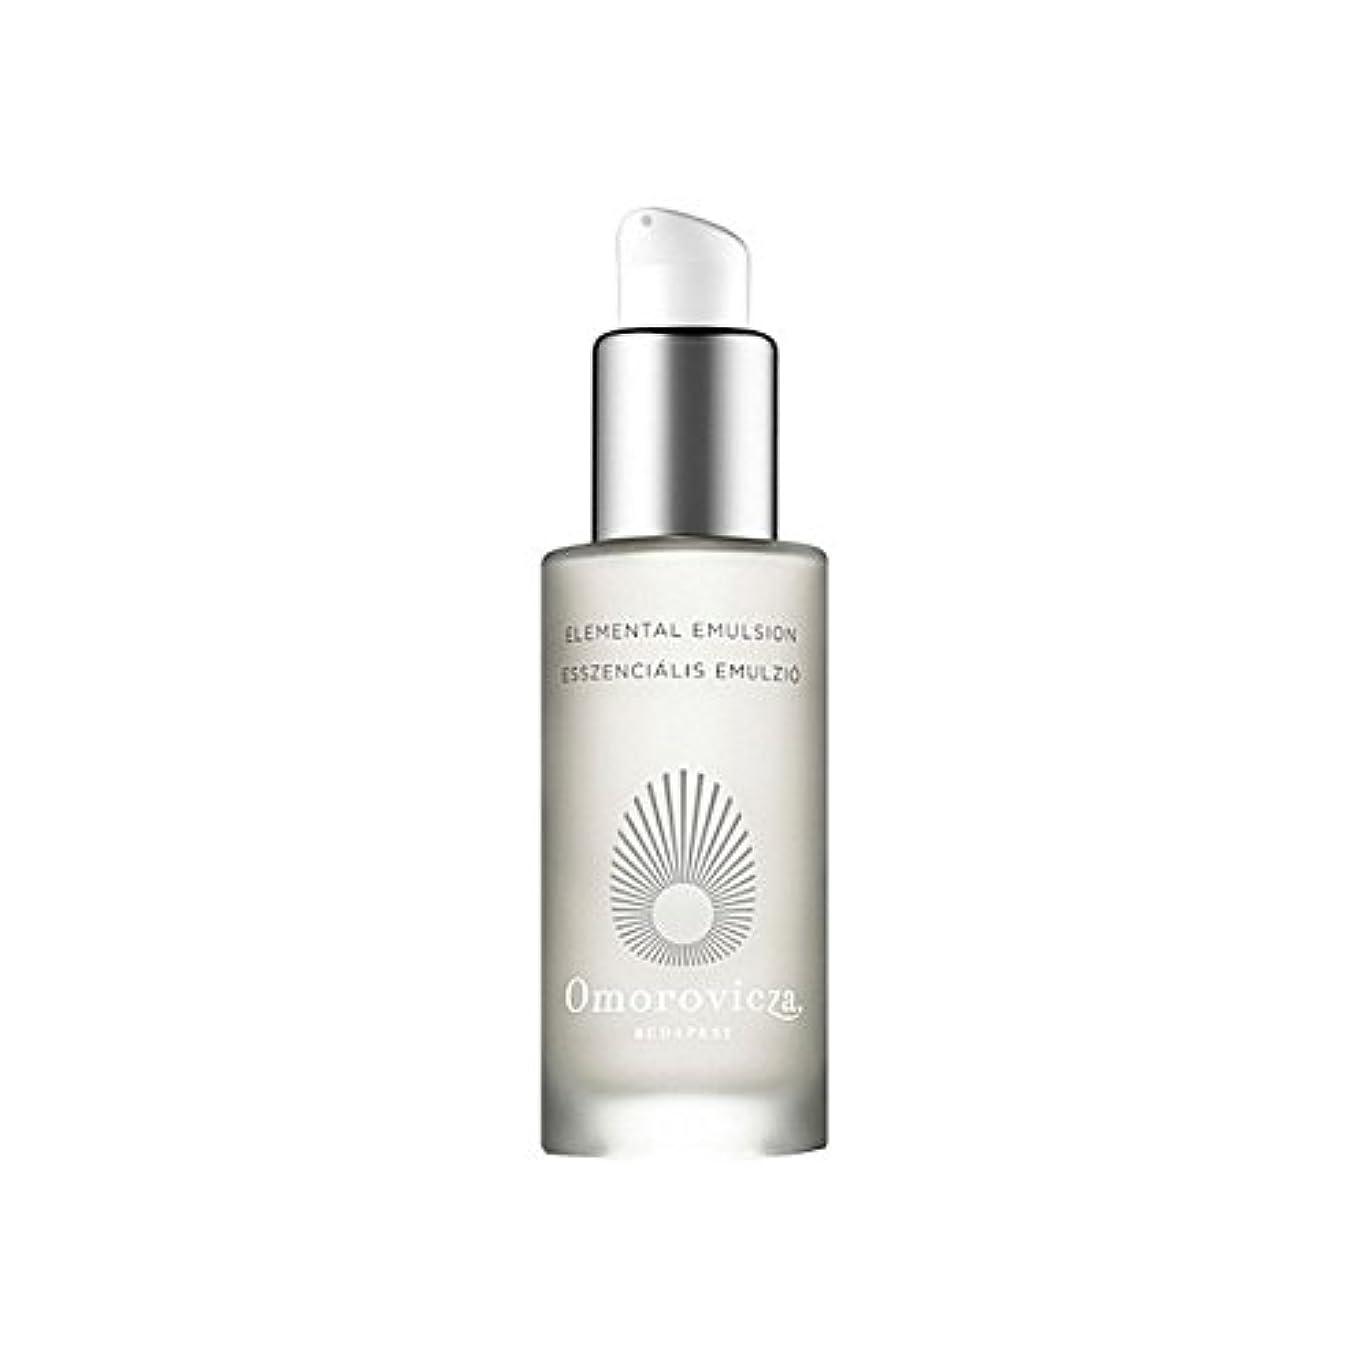 Omorovicza Elemental Emulsion 50Ml (Pack of 6) - 元素エマルジョン50ミリリットル x6 [並行輸入品]